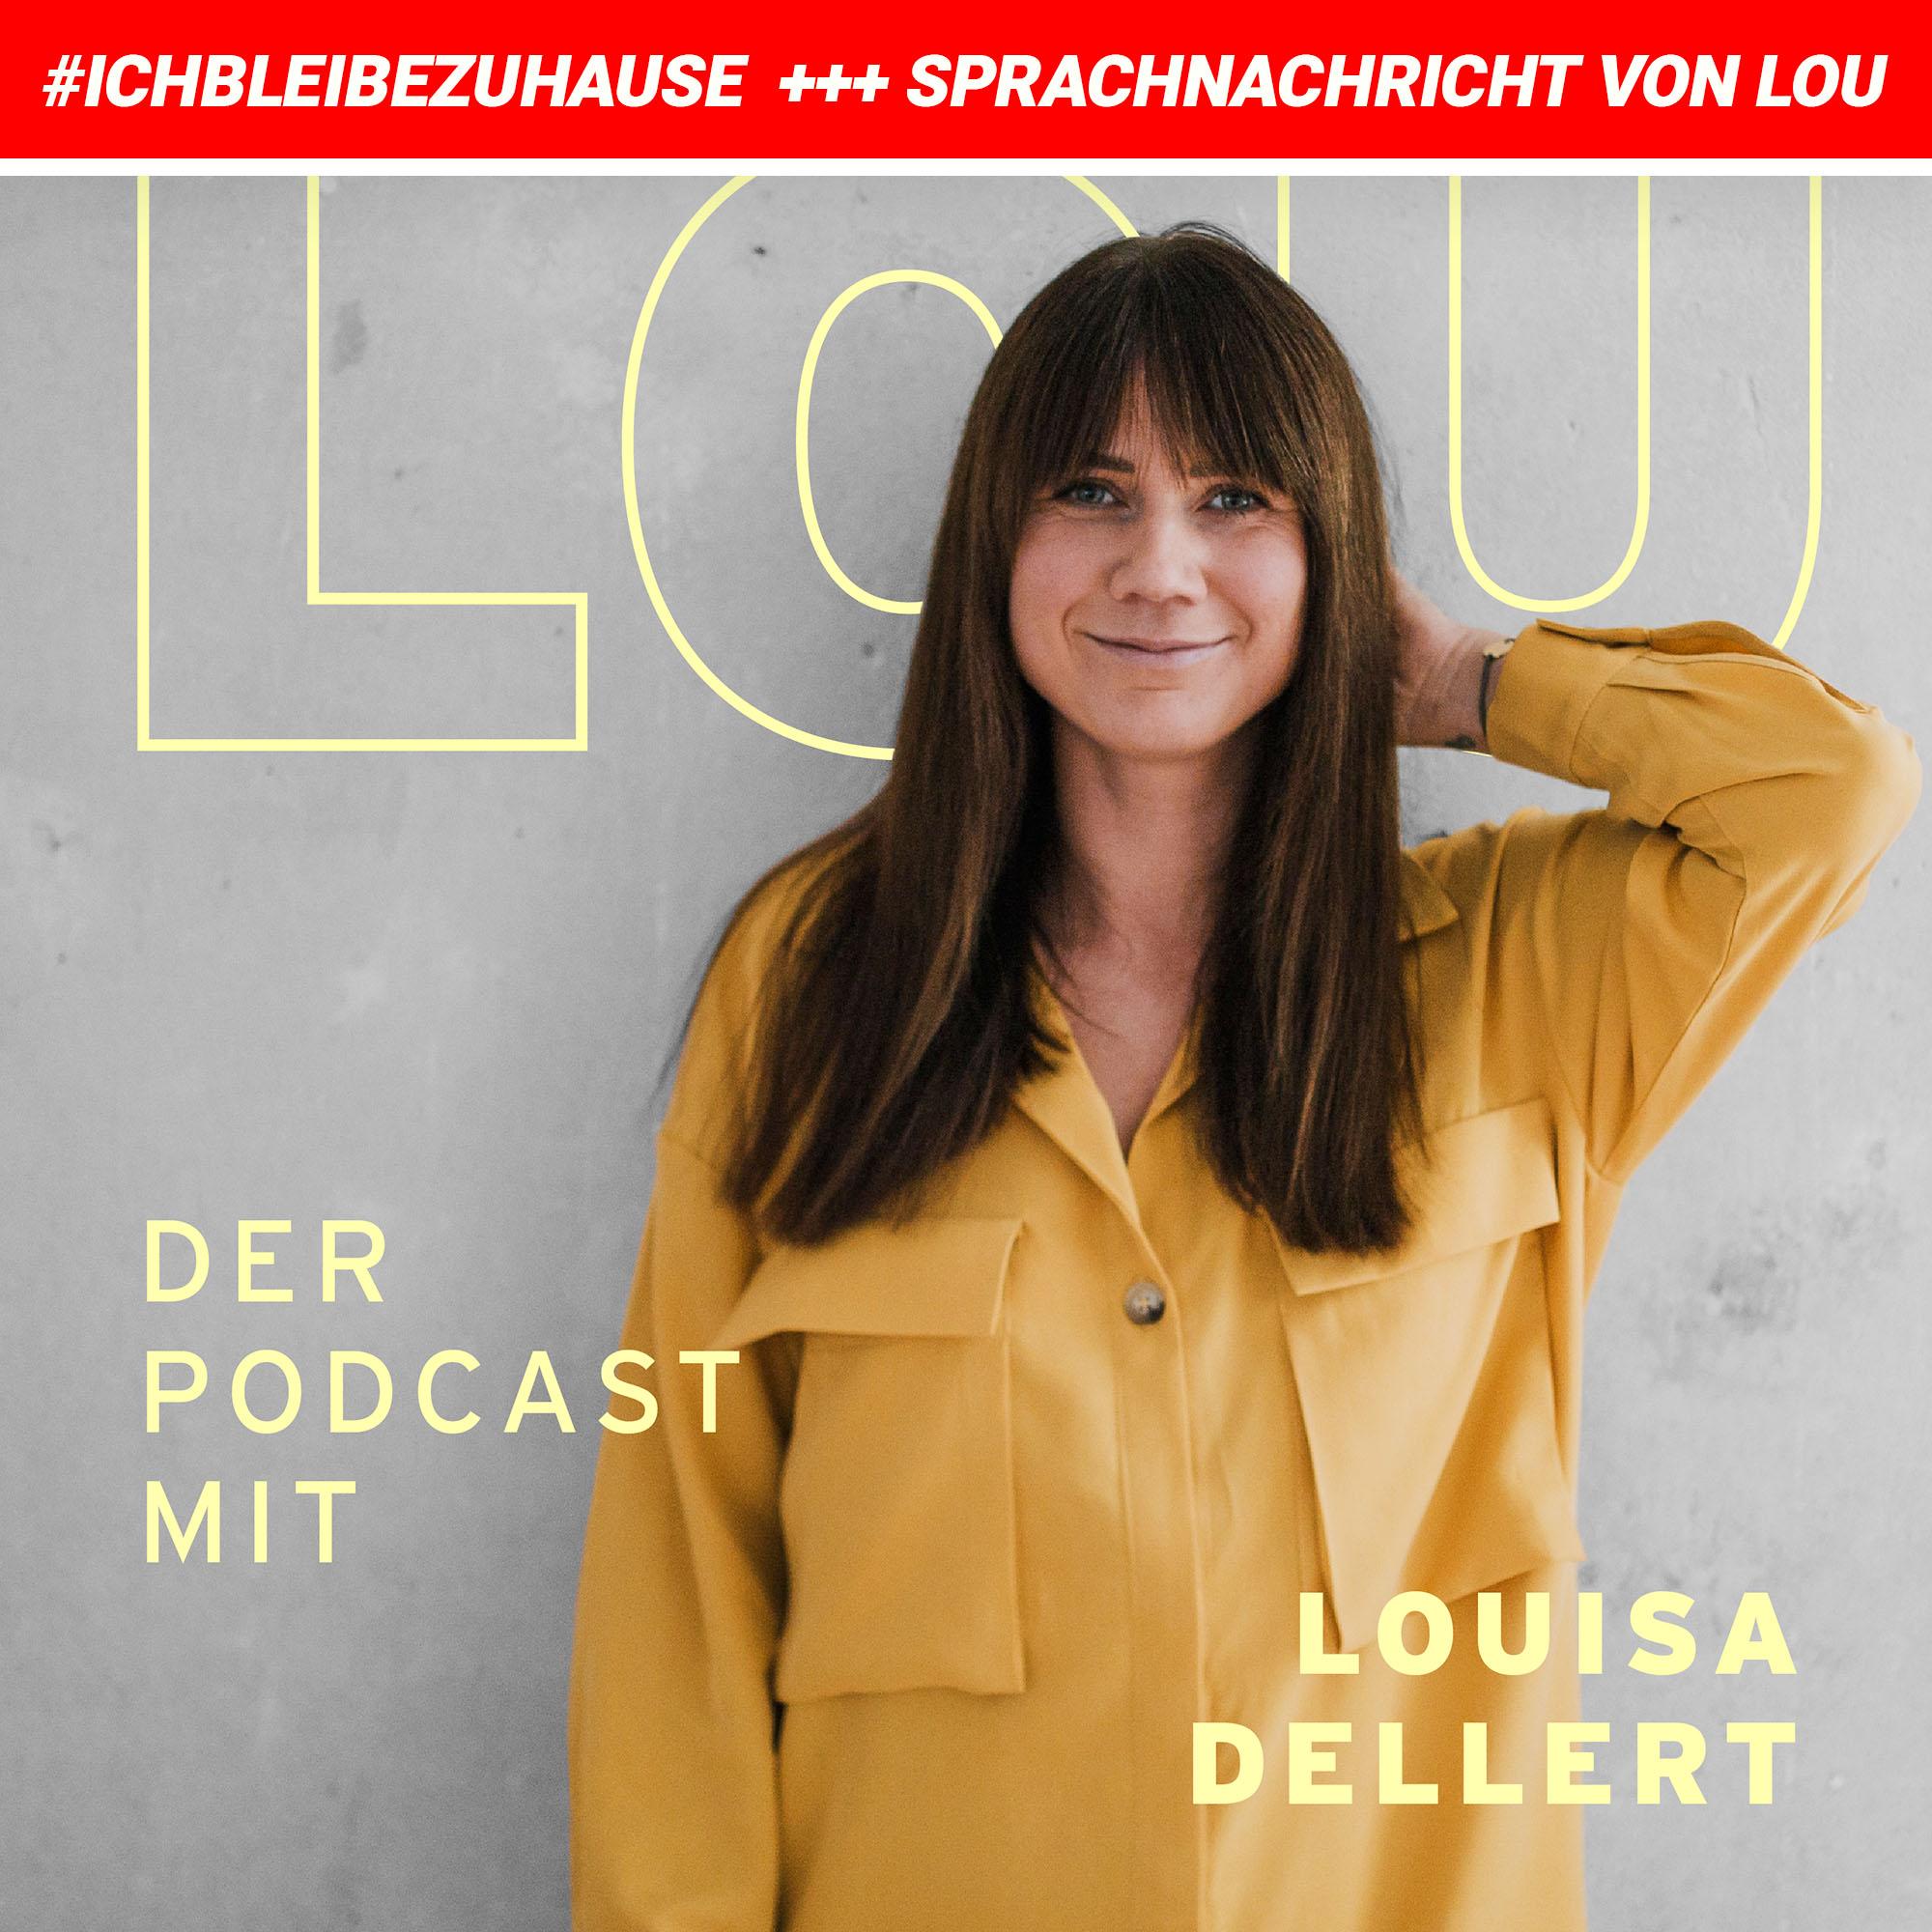 #ichbleibezuhause - Sprachnachricht von Lou Vol. 13